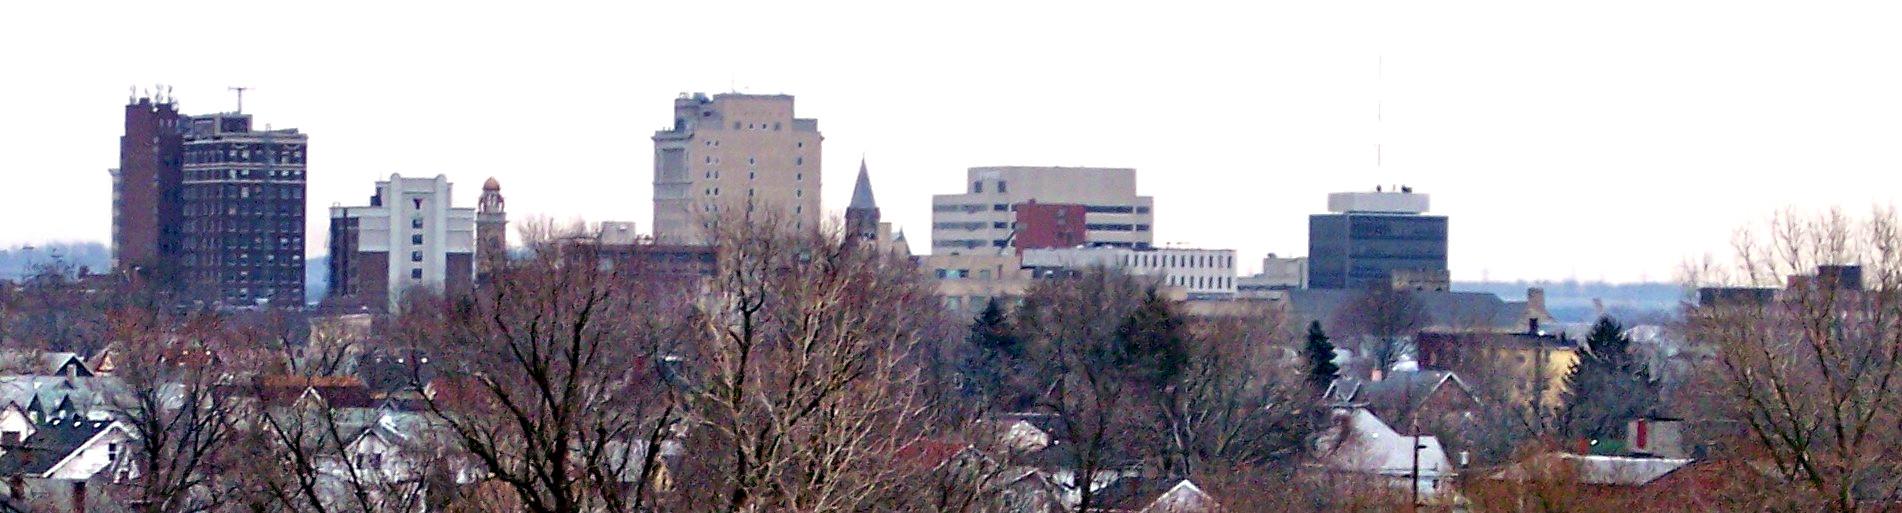 City Of Massillon Ohio Building Ept